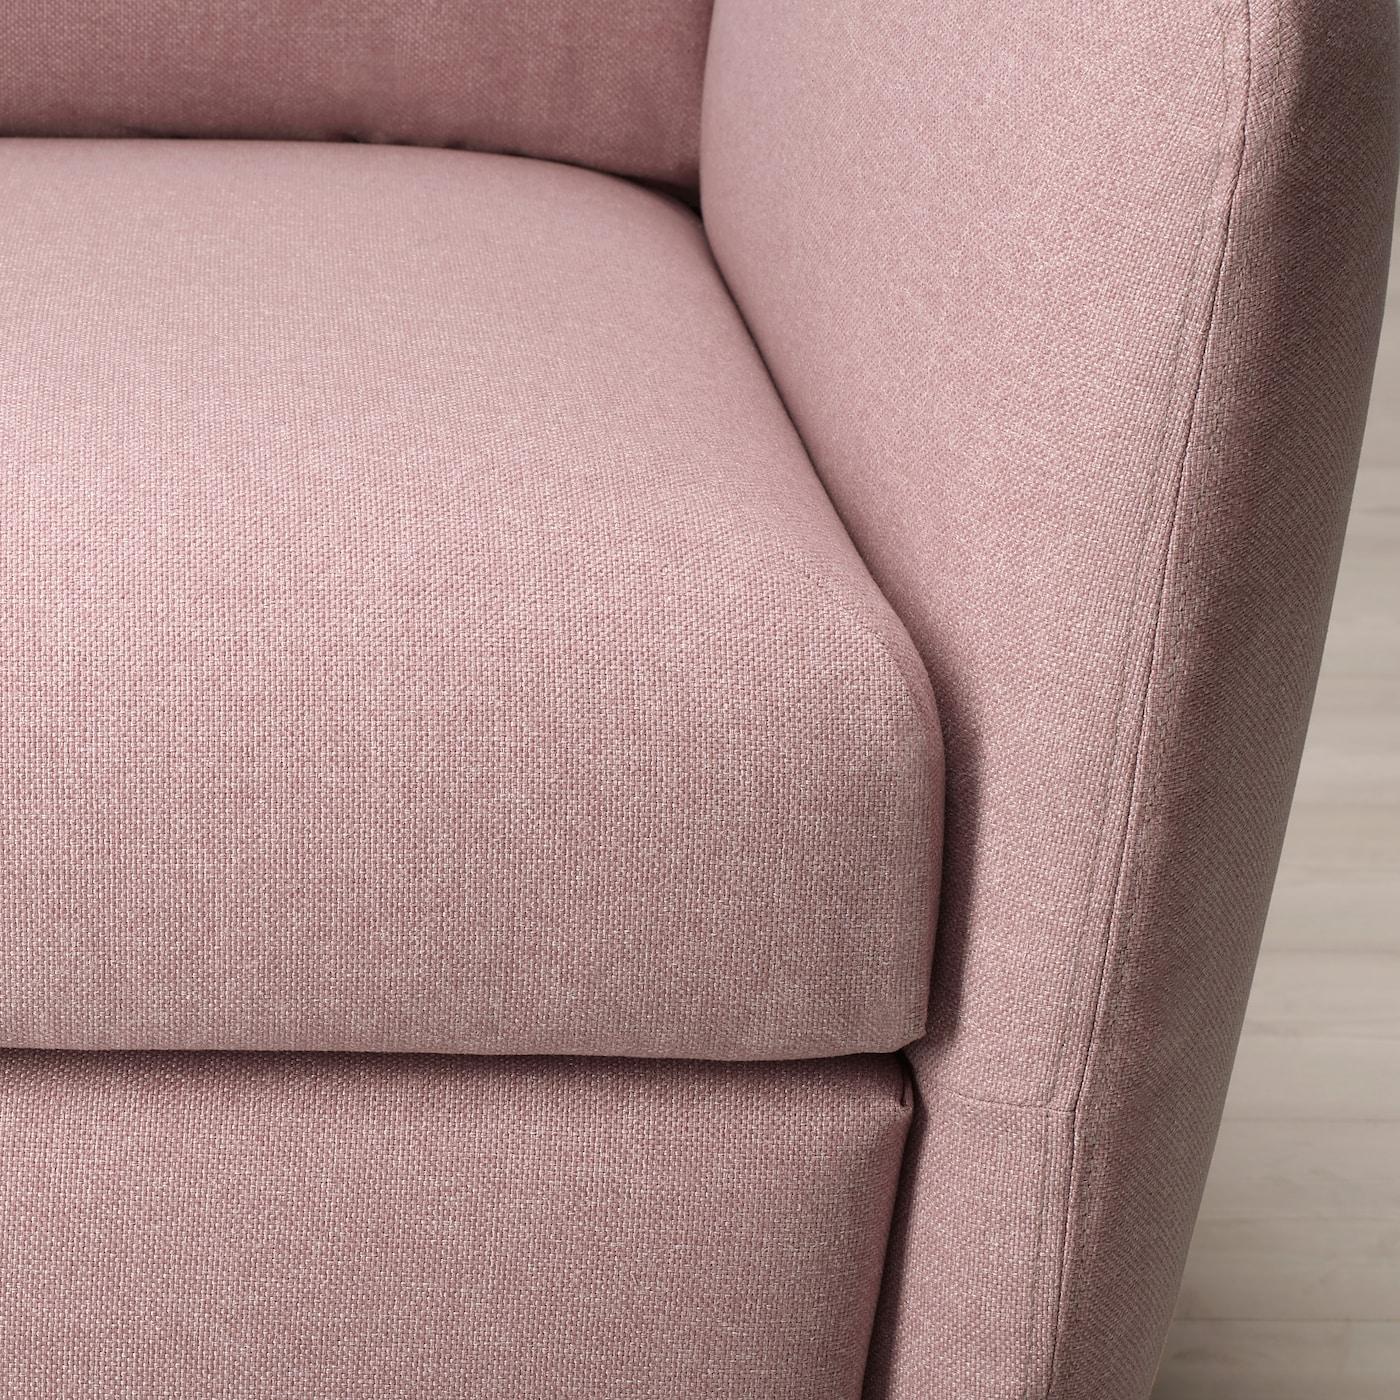 Ekolsund Recliner Gunnared Light Brown Pink Ikea